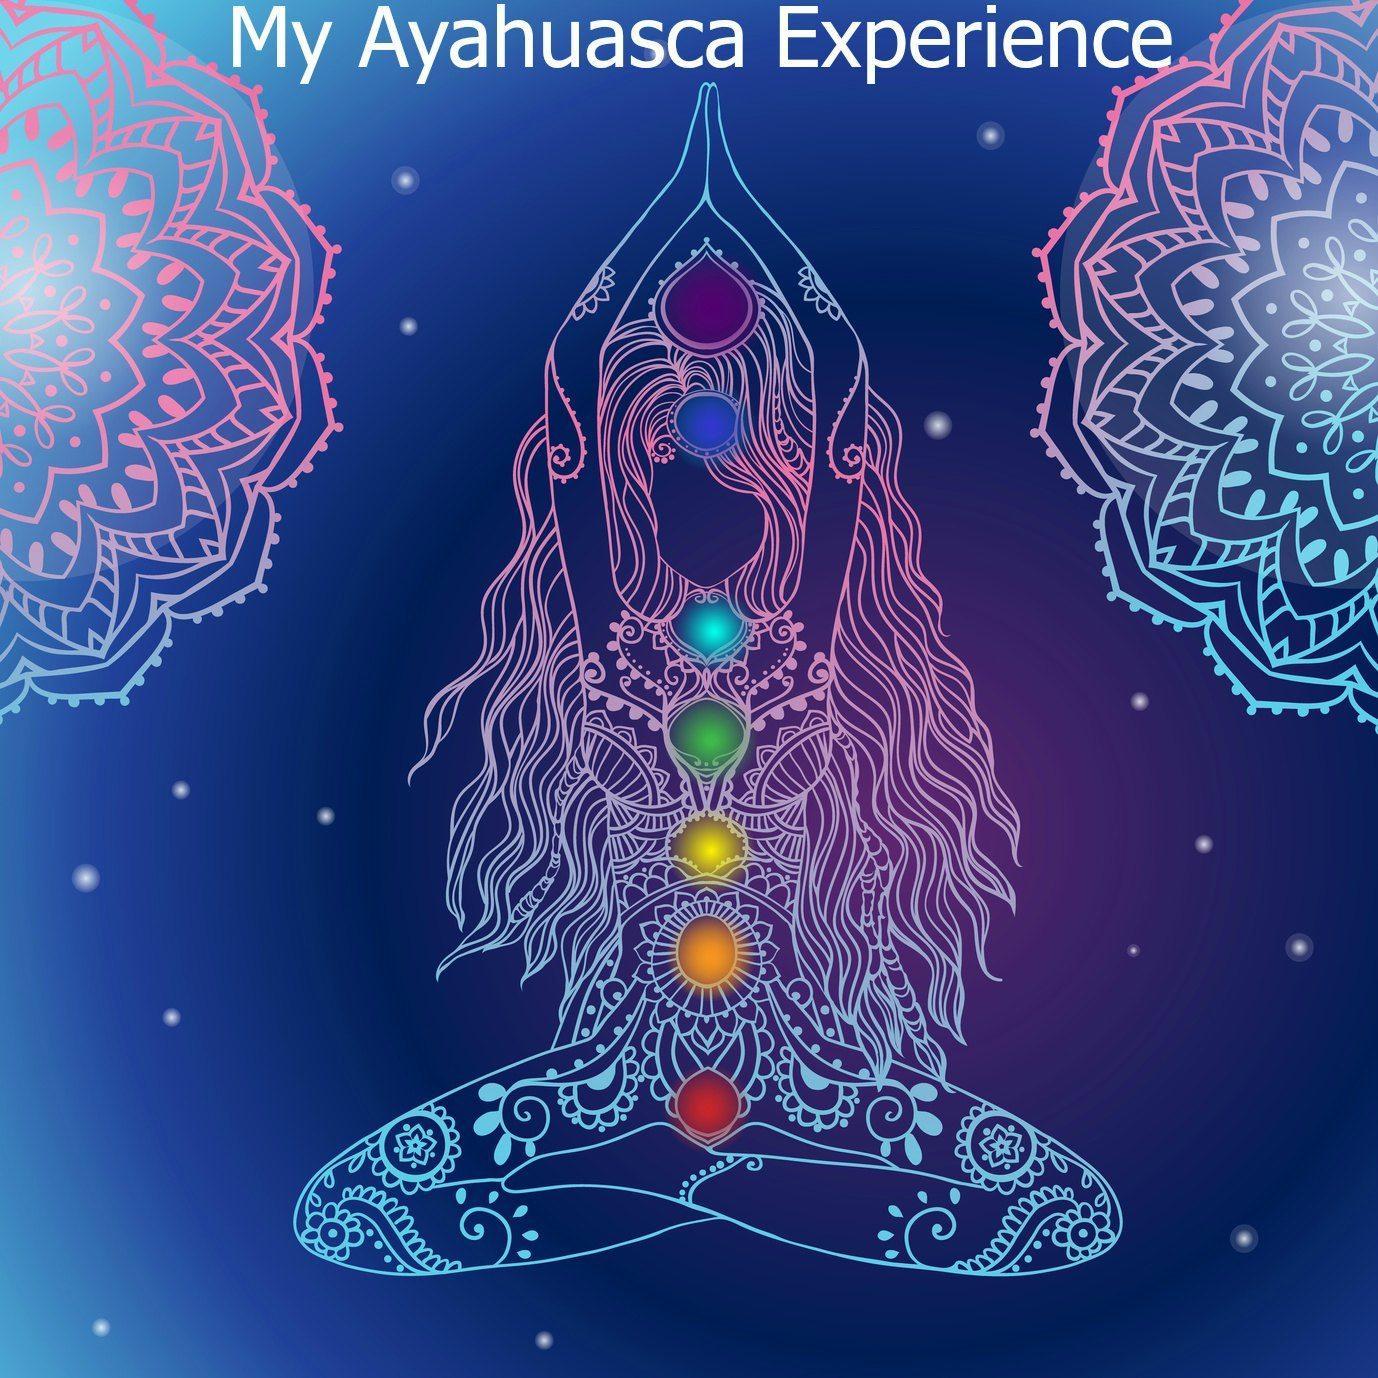 ayahuasca-experience